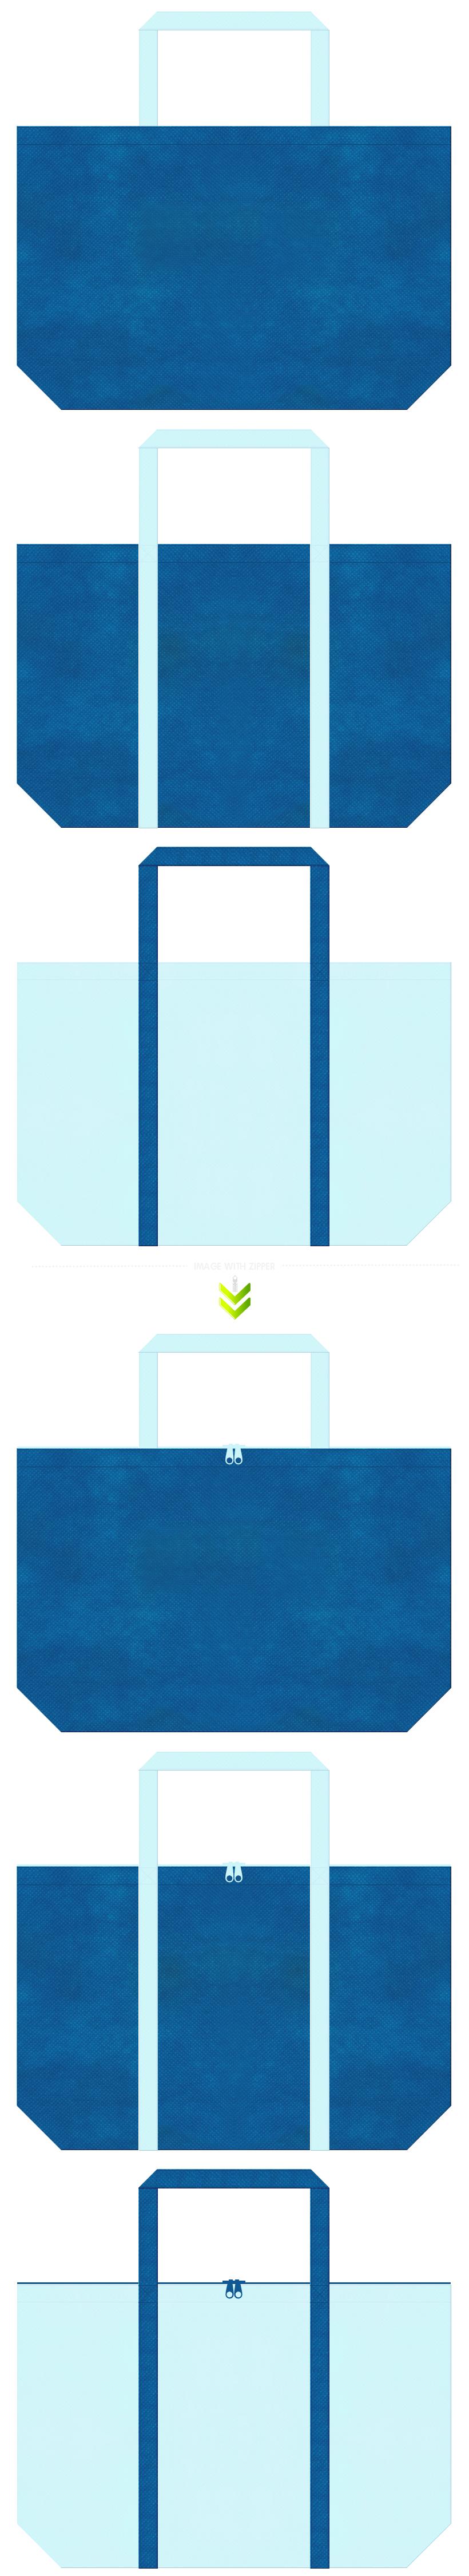 青色と水色の不織布エコバッグのデザイン